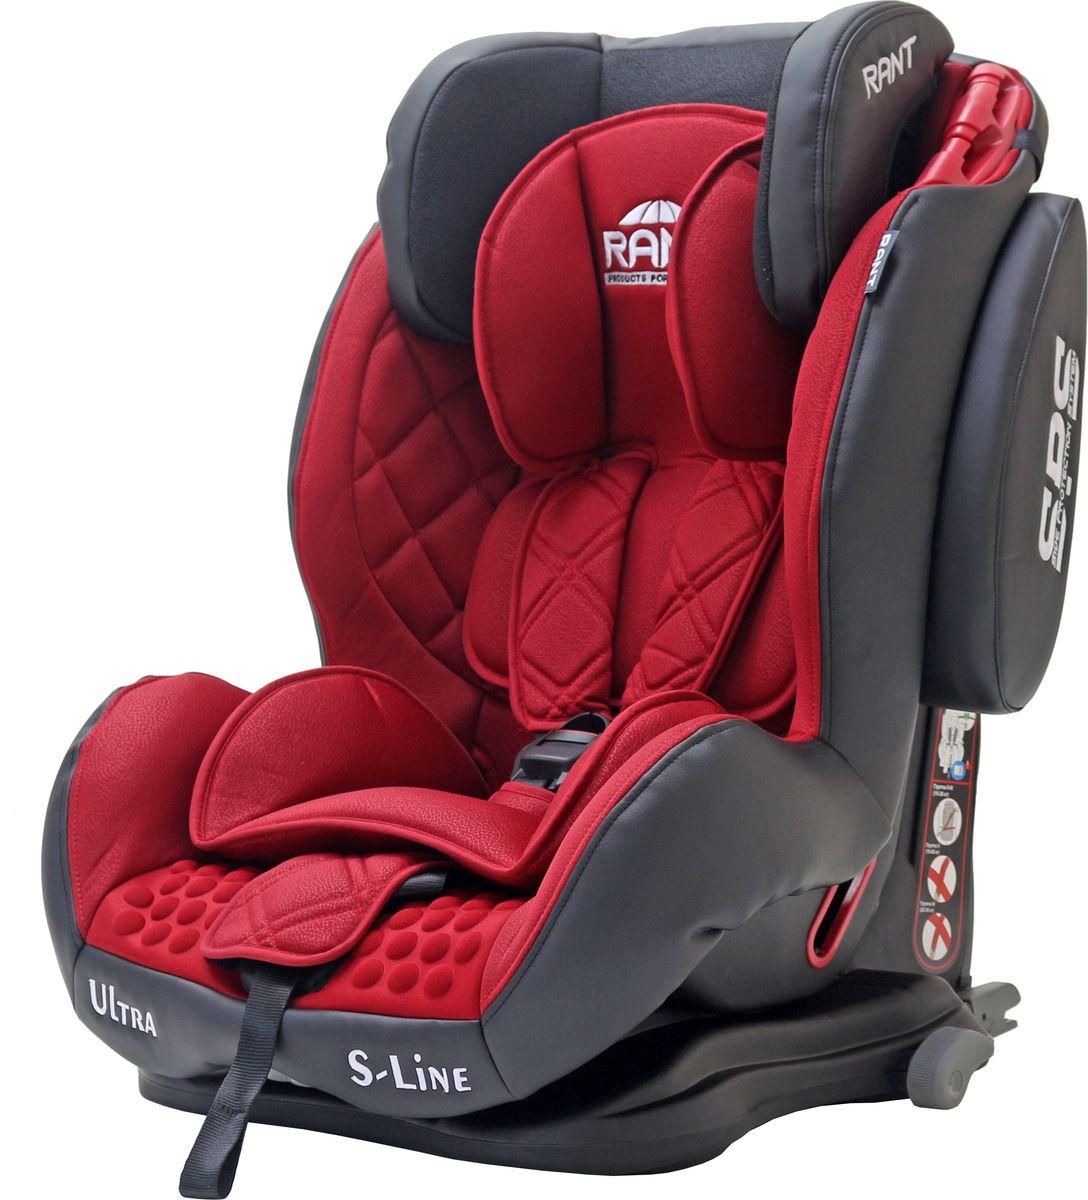 Rant Автокресло Ultra Isofix цвет красный от 9 до 36 кг 4650070980625